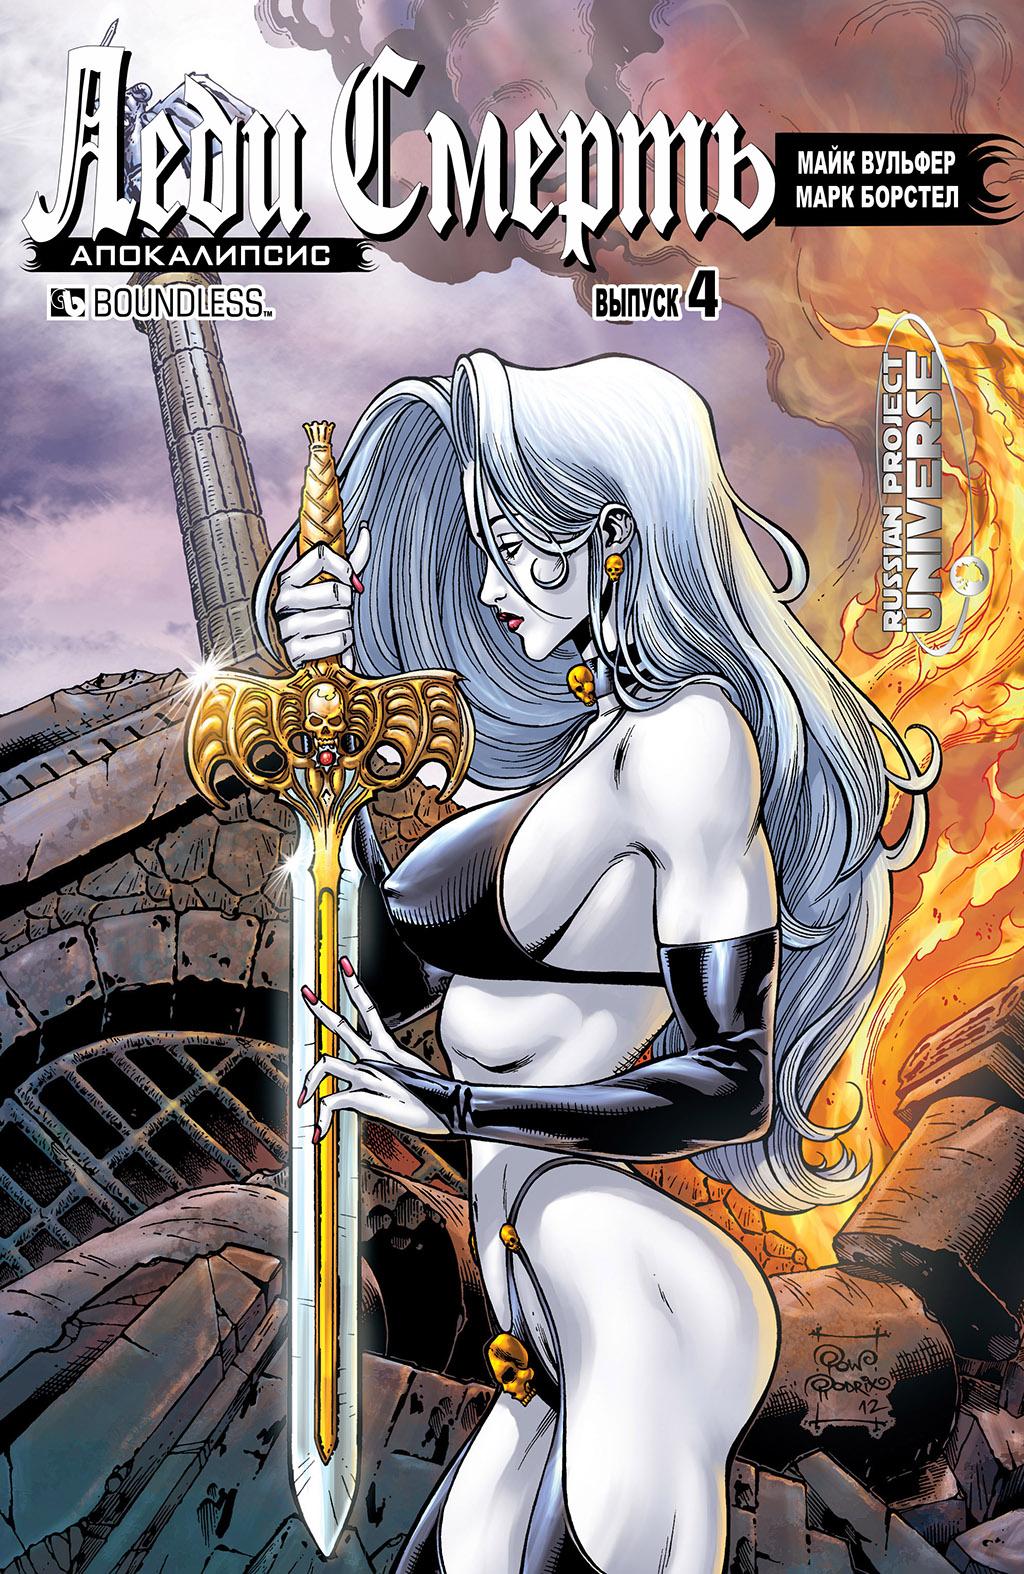 Комикс Леди Смерть: Апокалипсис